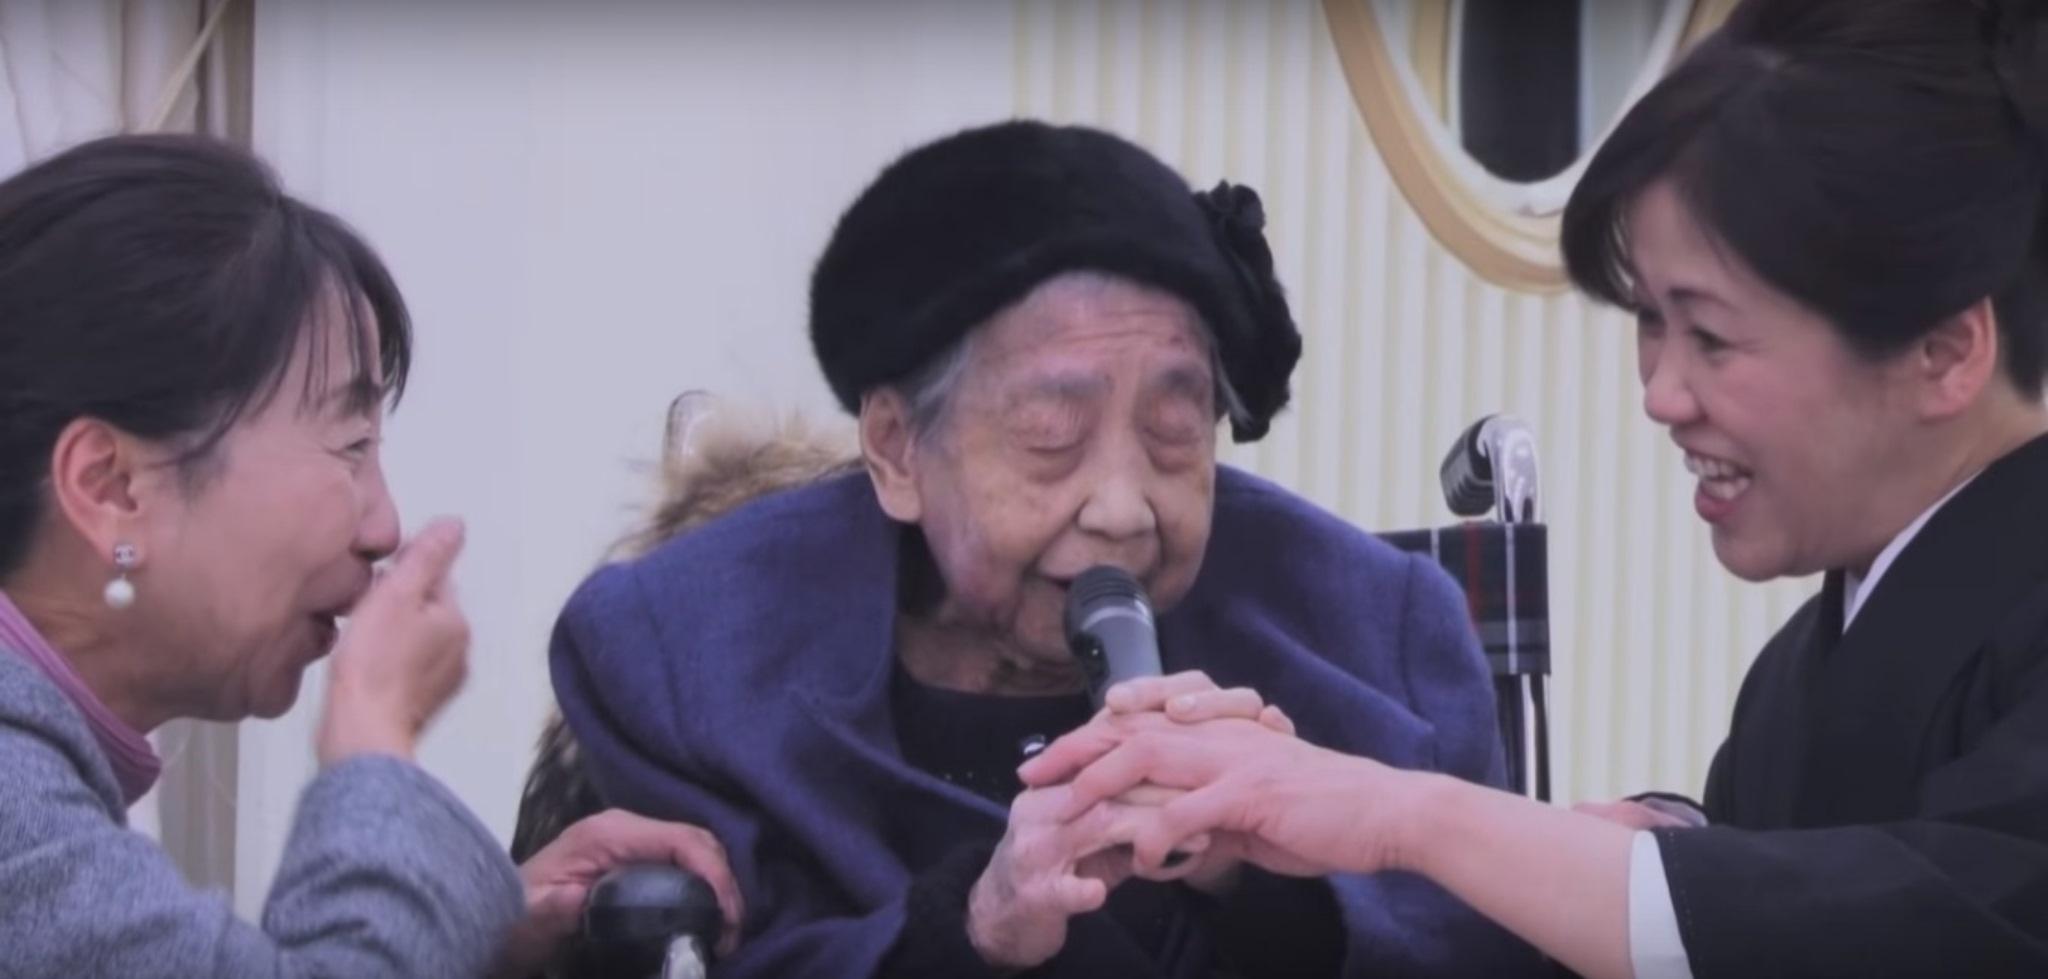 【心温まる】優しい歌声に包まれる会場! 孫に贈る祖母の歌